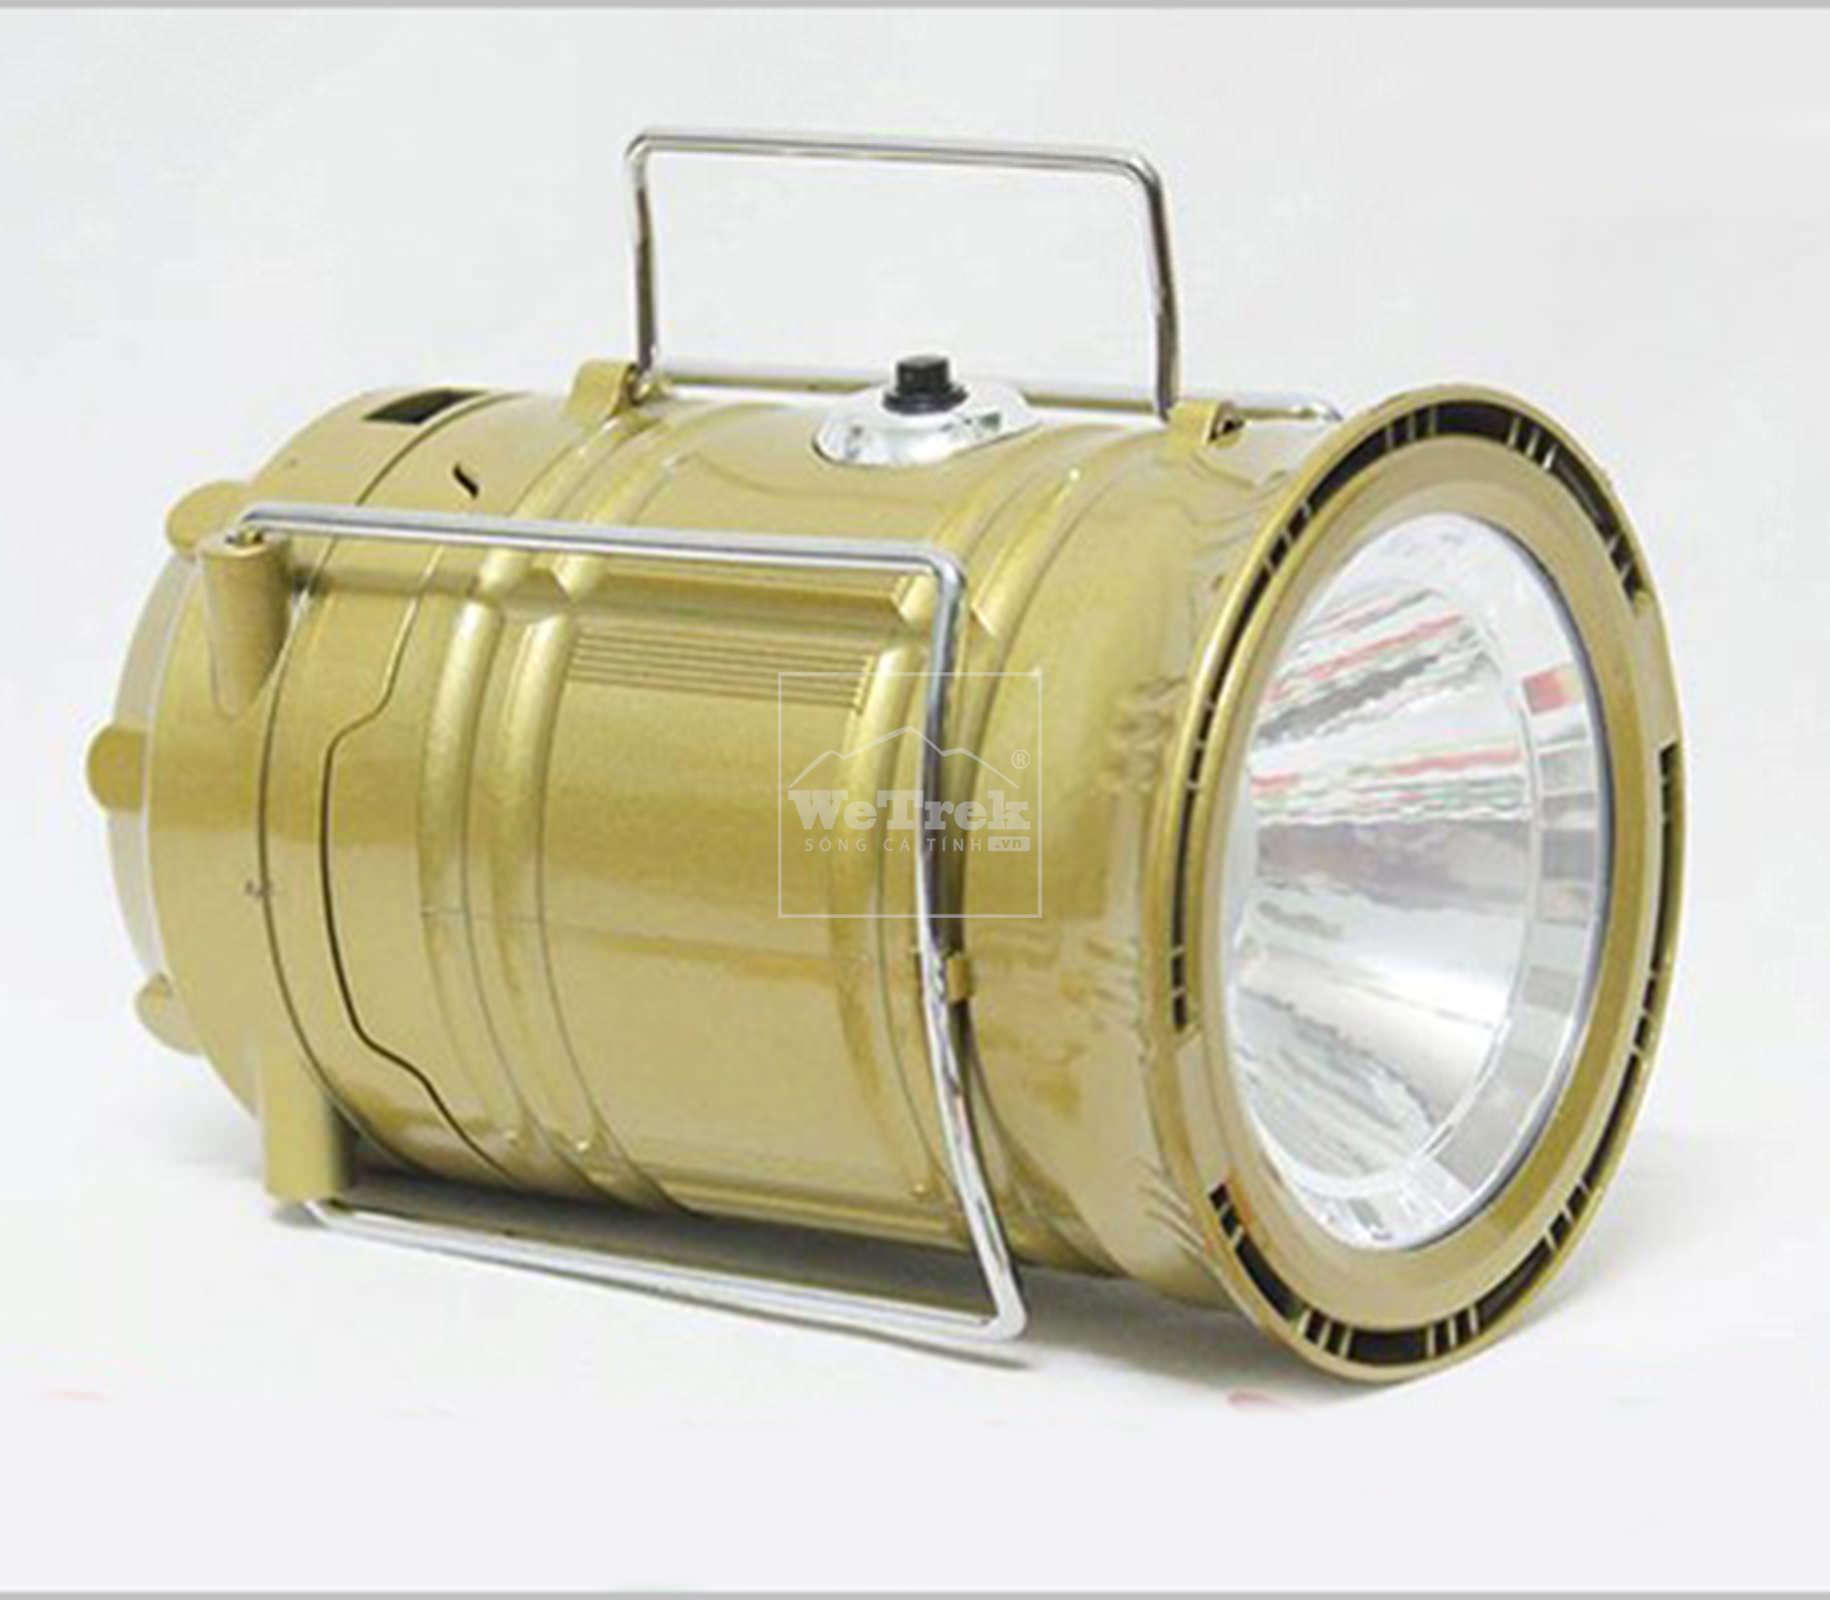 den-leu-6-1-led-rechareable-camping-lantern-jh-5800t-wetrek.vn-3